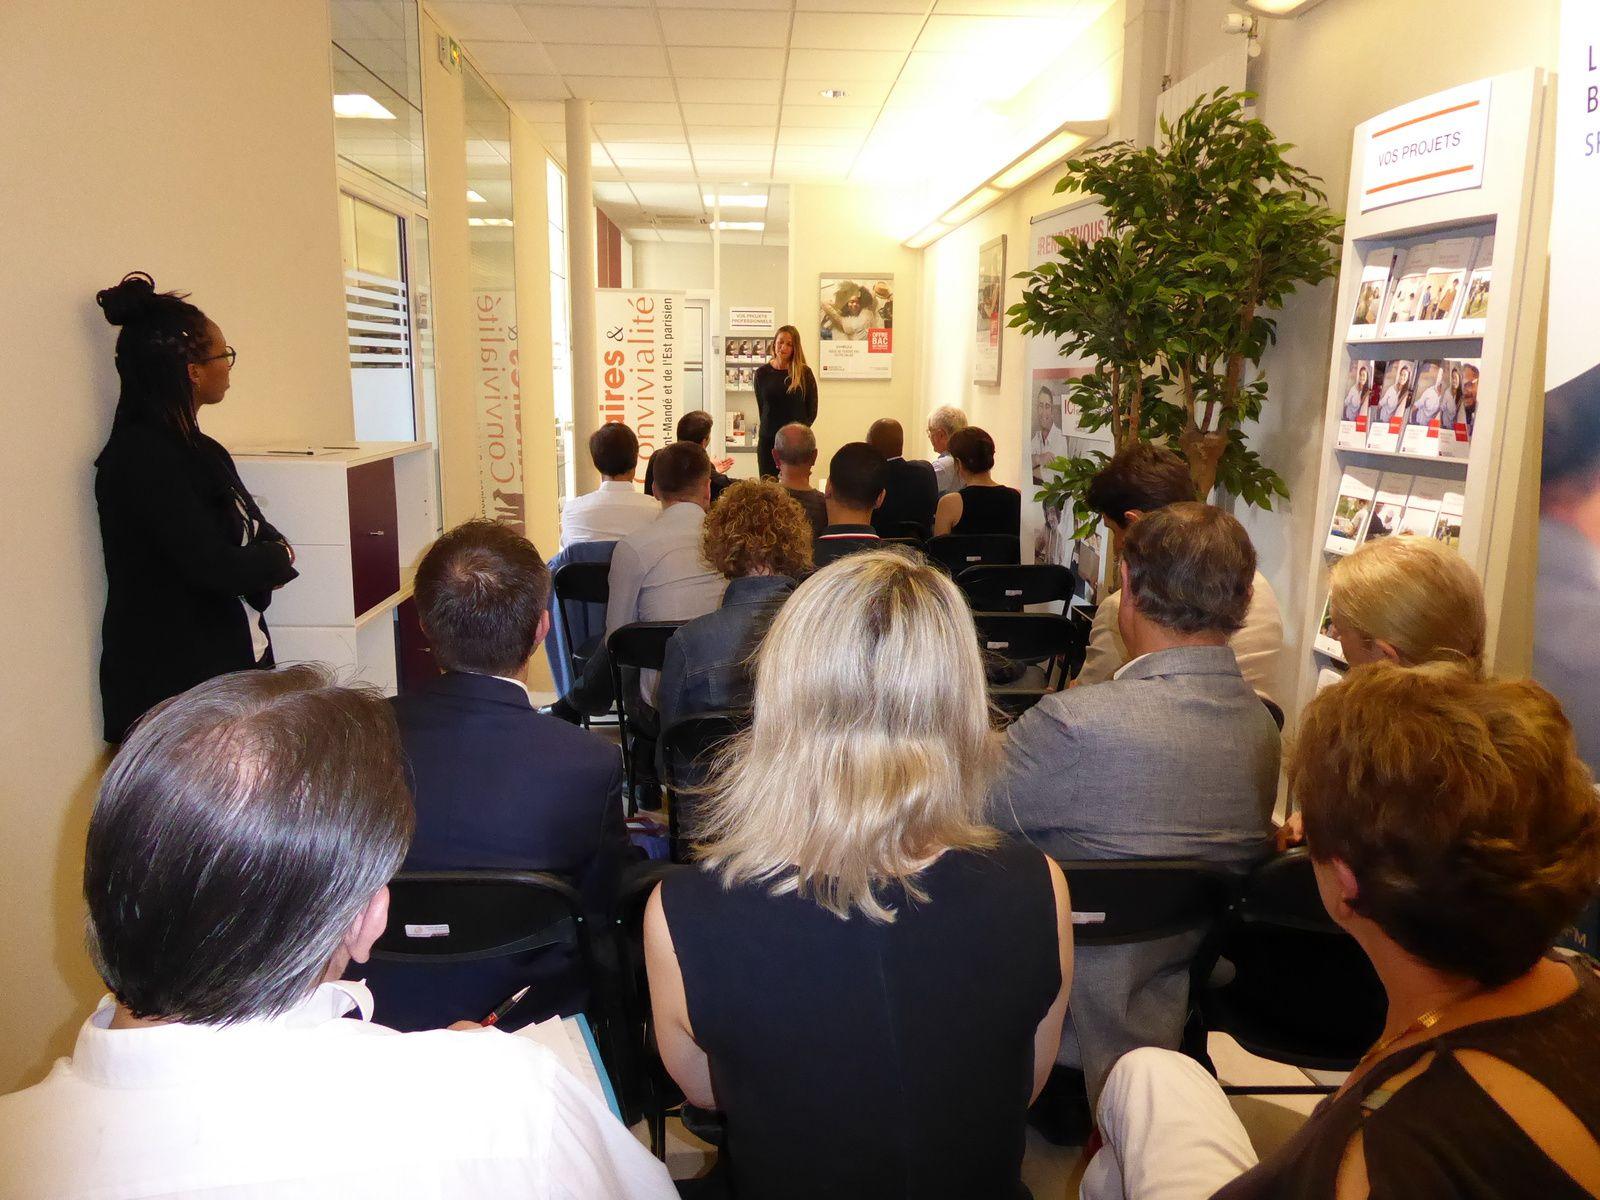 Plenière d'été Affaires & Convivialité au sein de l'Agence de la Société Générale